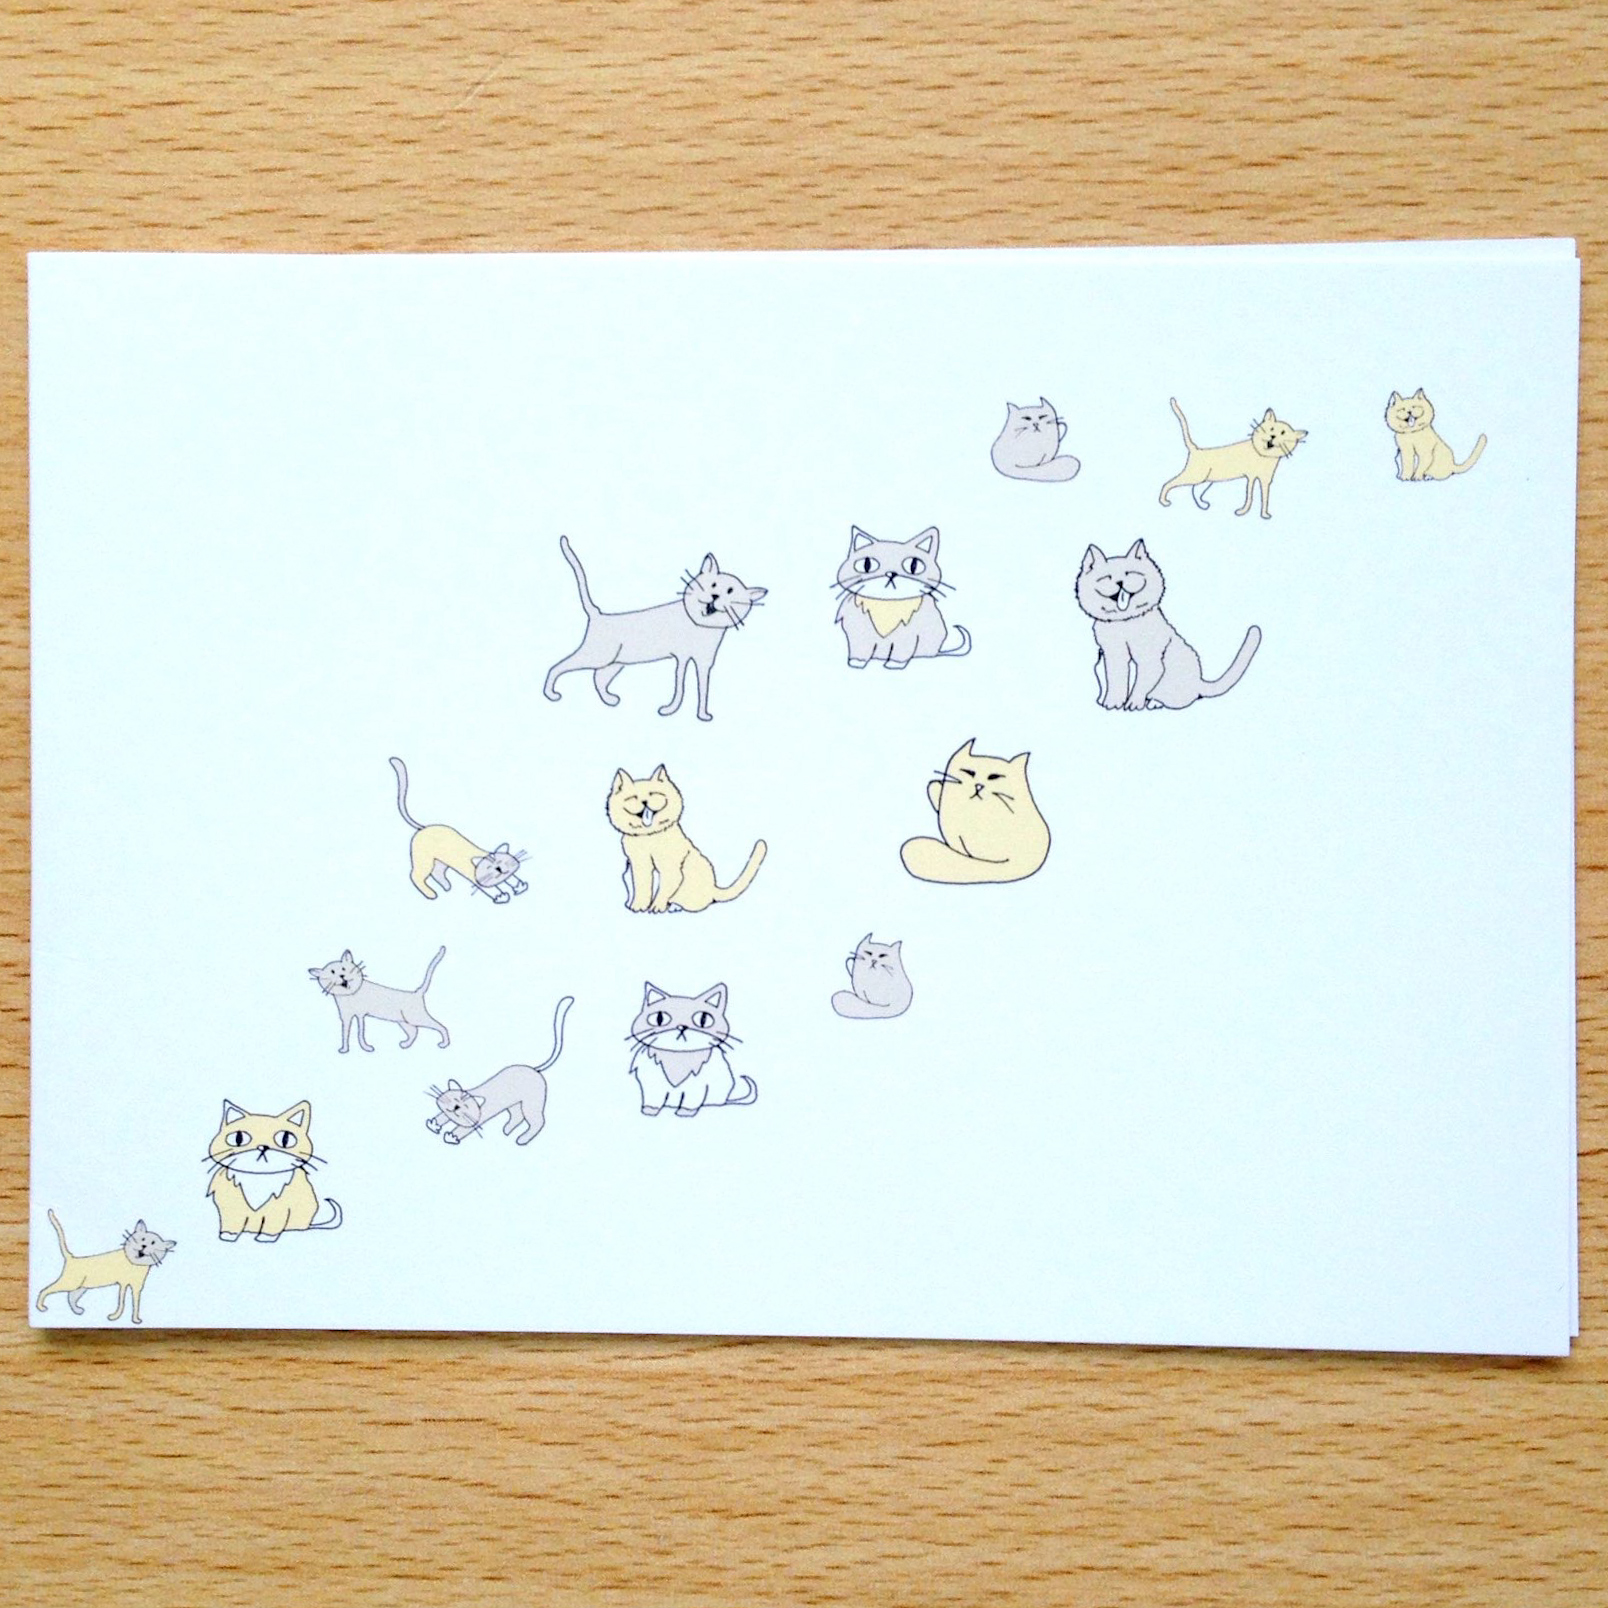 Some Weird Cats